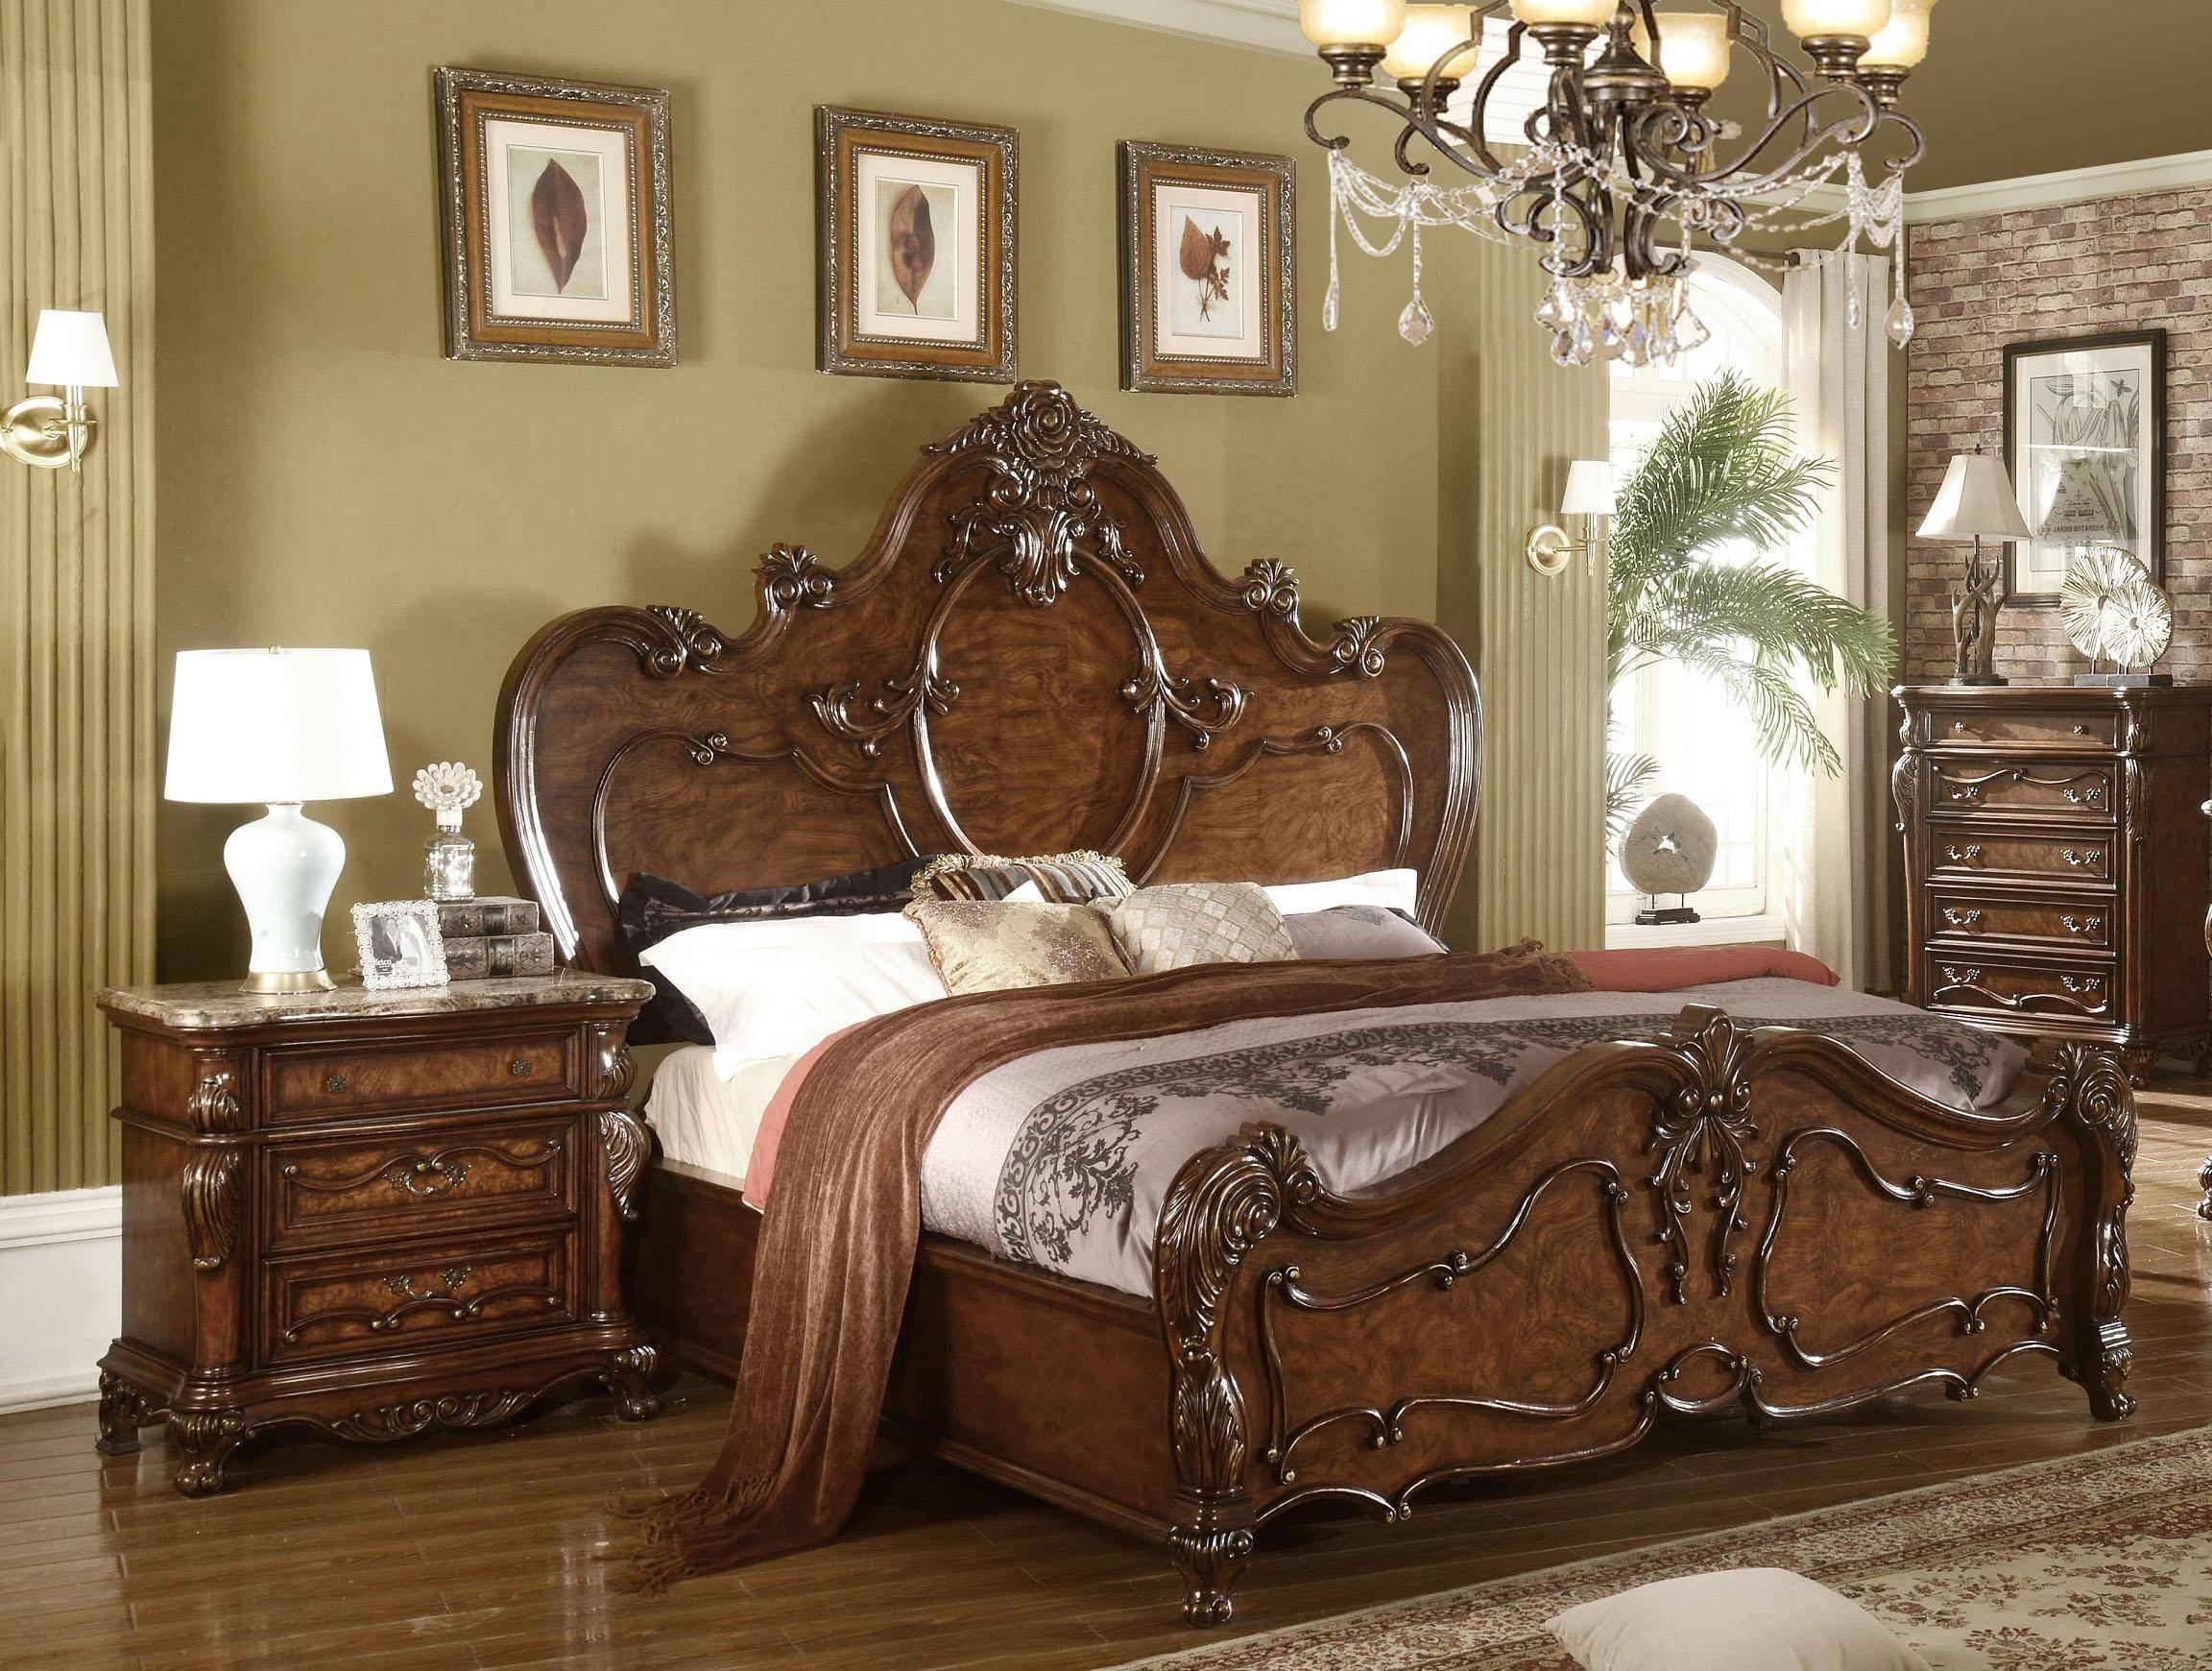 Buy Mcferran B7189 King Panel Bedroom Set 5 Pcs In Cherry Oak Wood Solid Hardwood Online